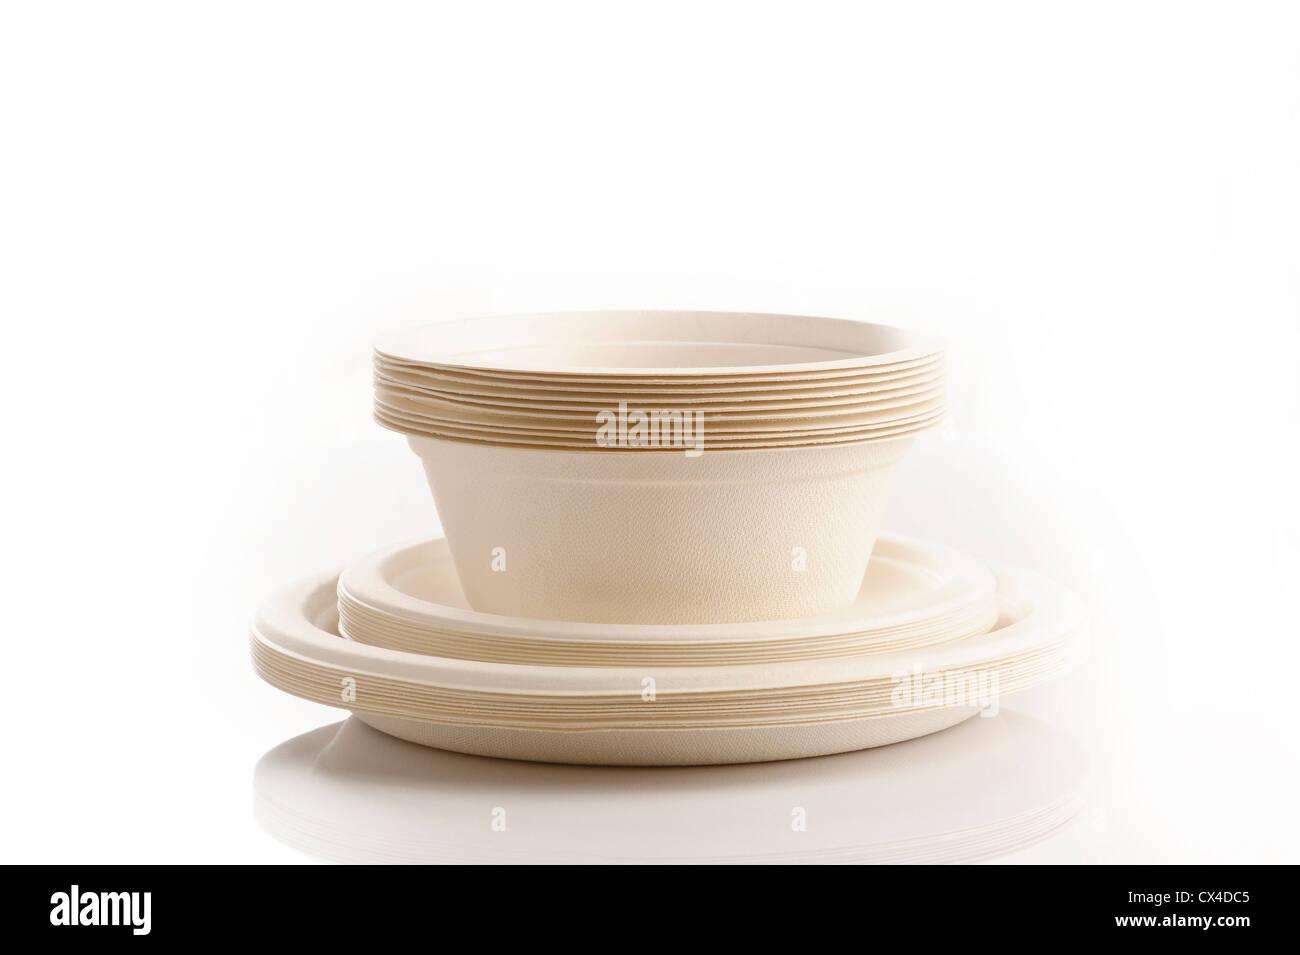 L'emballage pour la santé et l'environnement on white Photo Stock